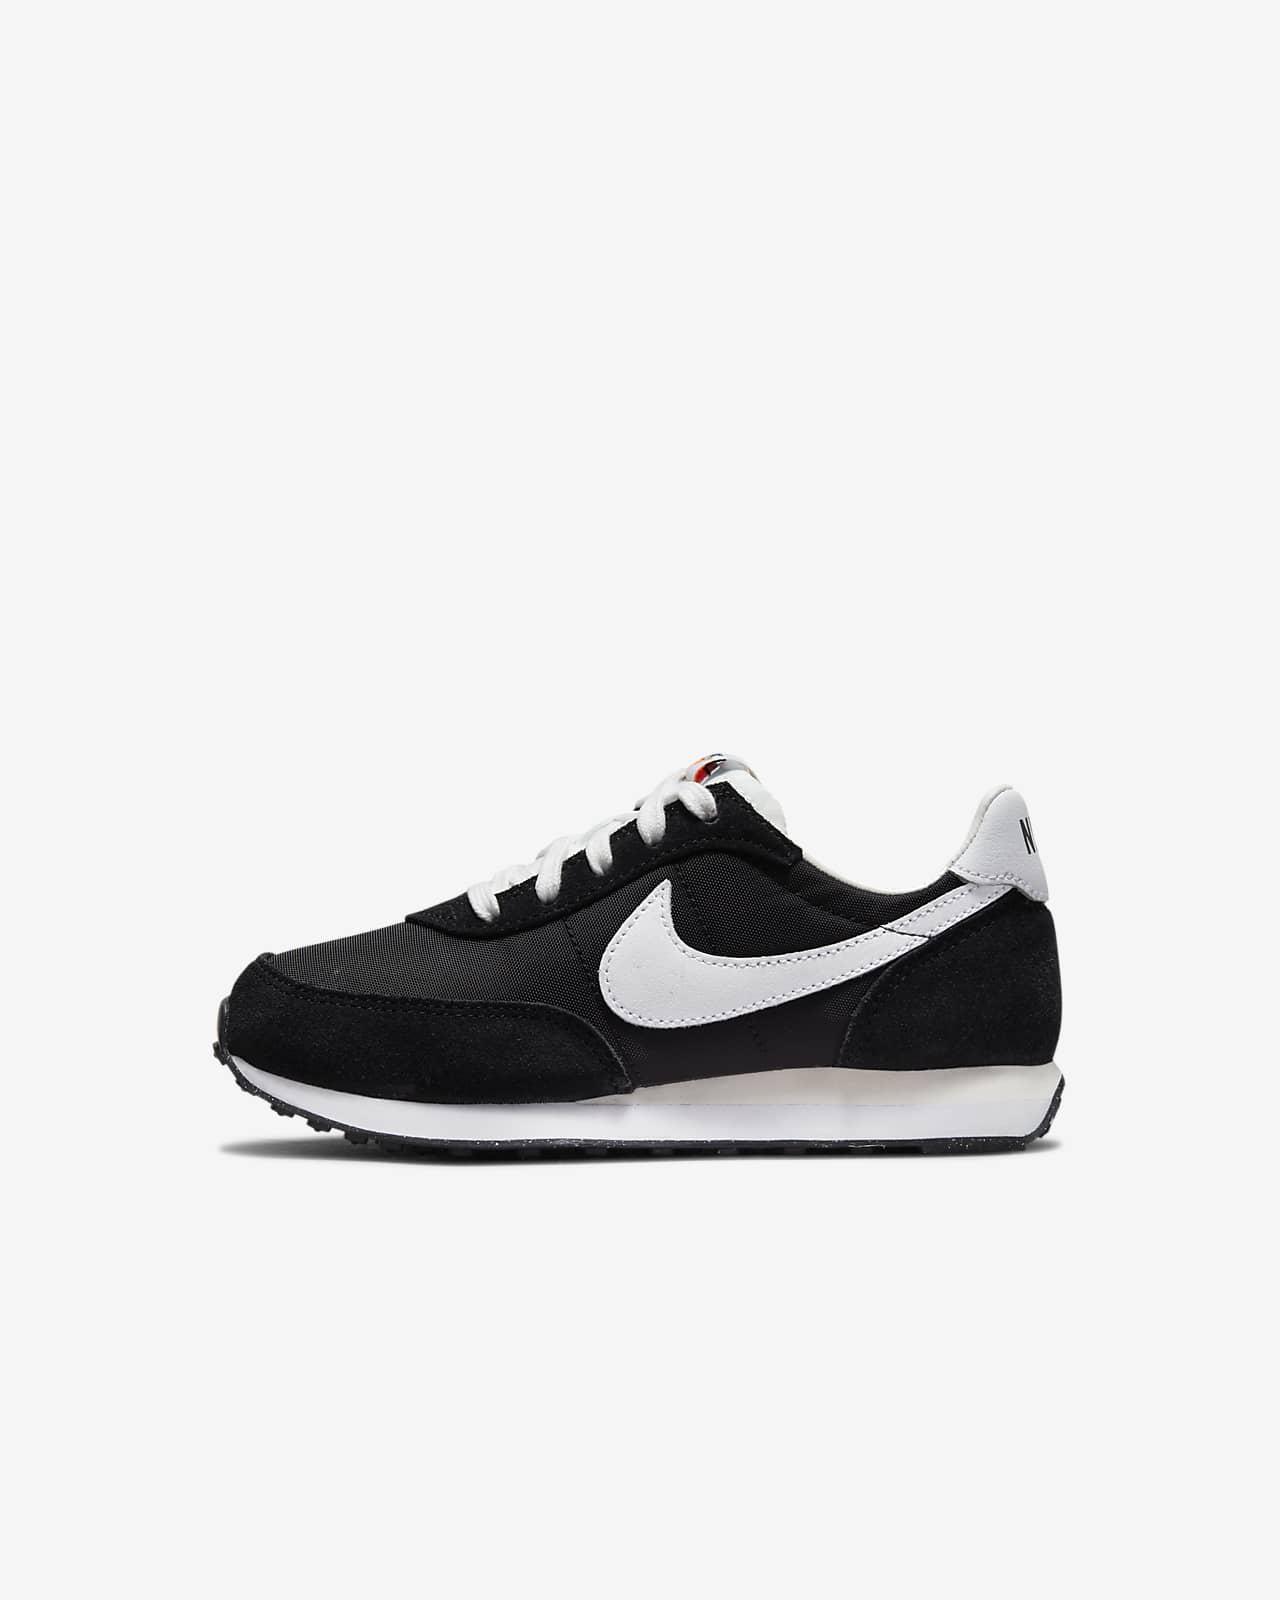 Nike Waffle Trainer 2 Küçük Çocuk Ayakkabısı